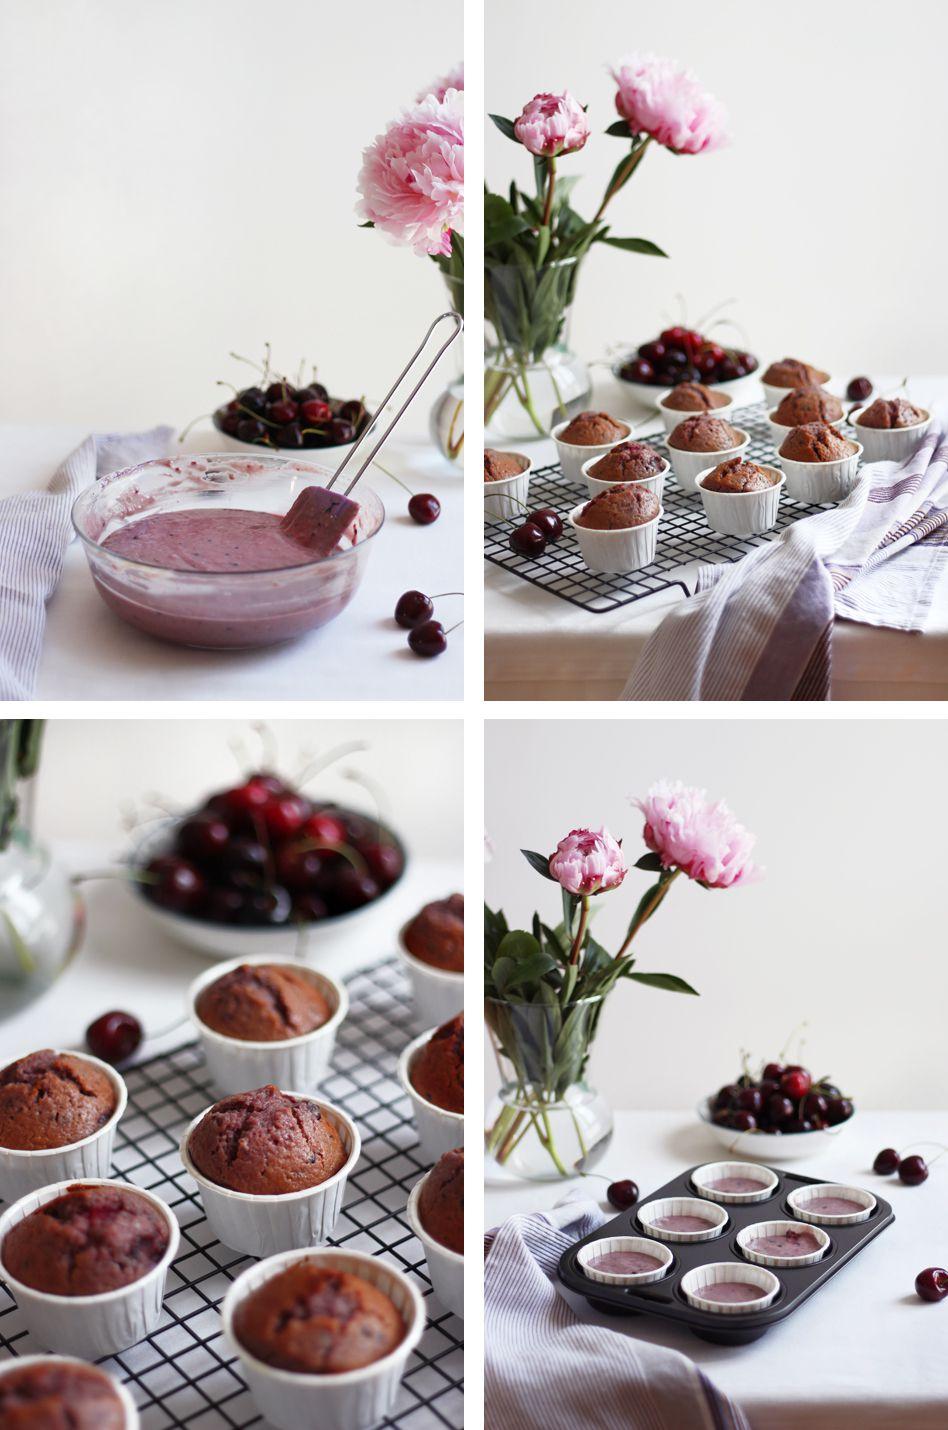 Parfum des beaux jours avec mes cupcakes aux cerises